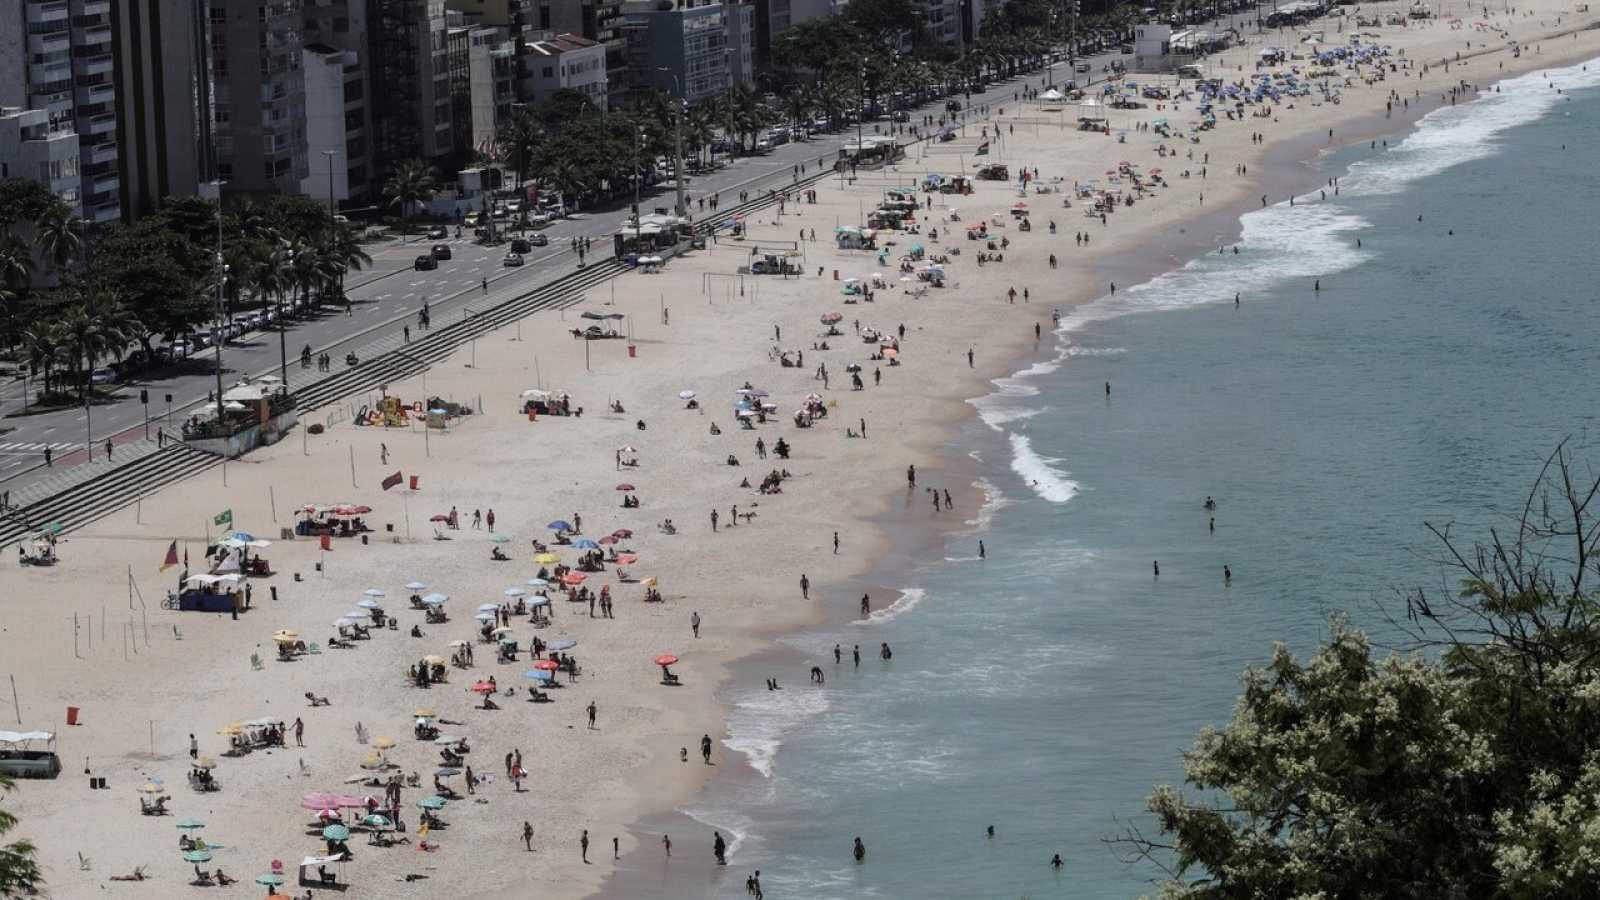 Una playa en Rio de Janeiro este jueves, cuando Brasil llega a los 10 millones de casos de coronavirus